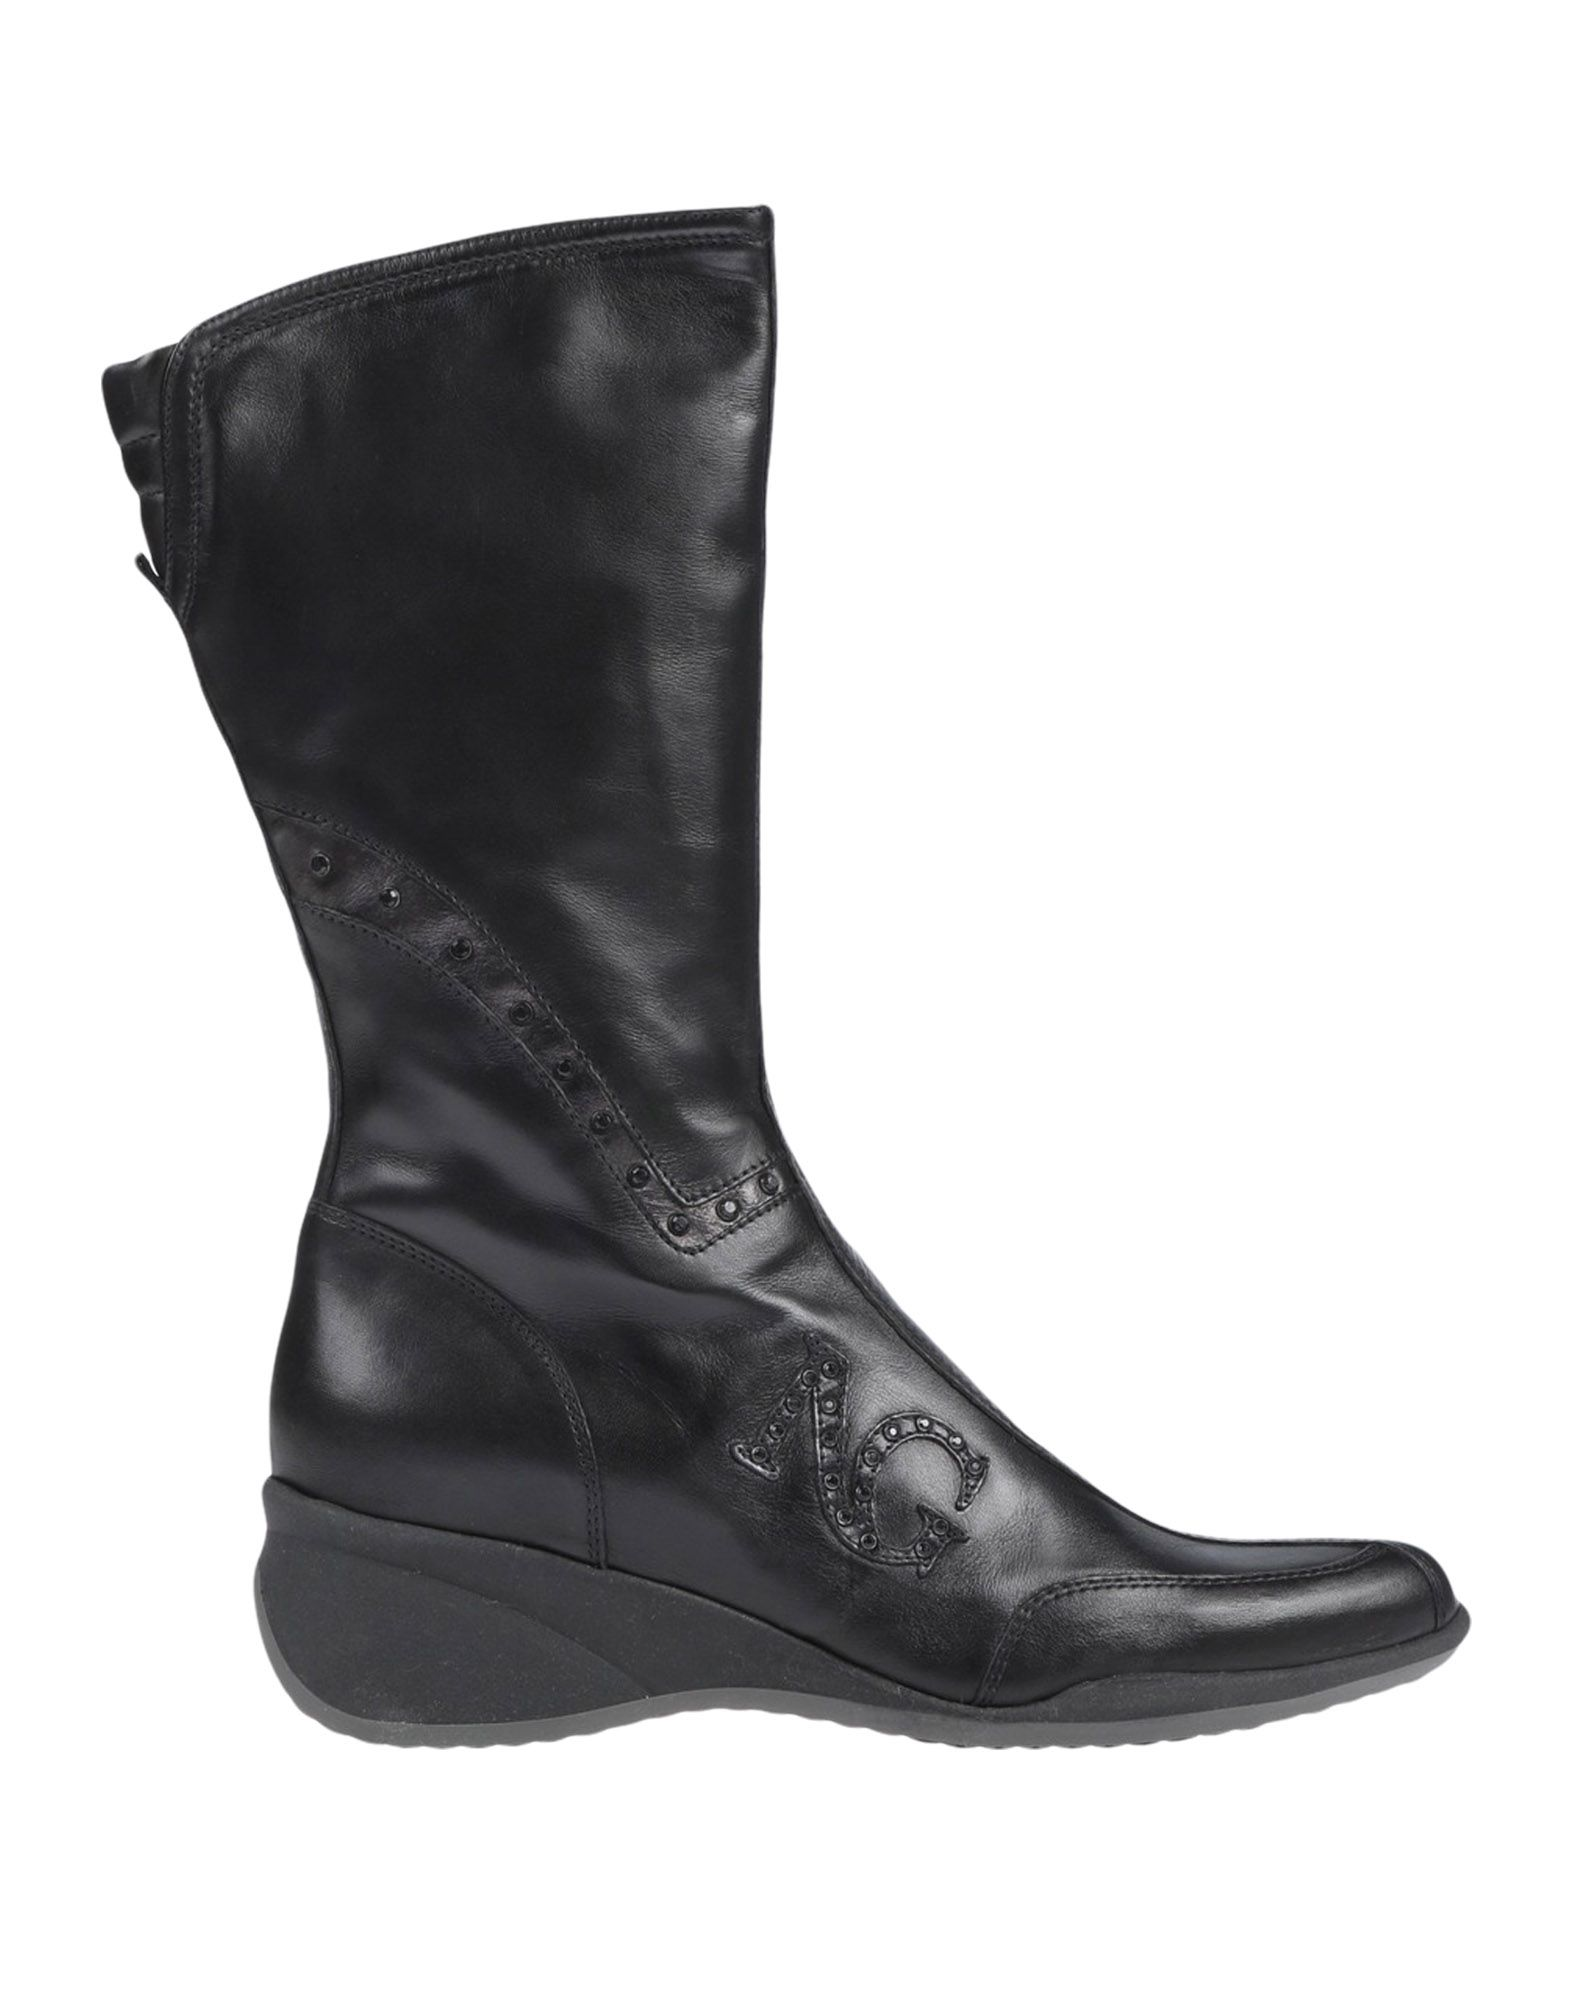 Nero Giardini Stiefel Damen  11539425GD Gute Qualität beliebte Schuhe